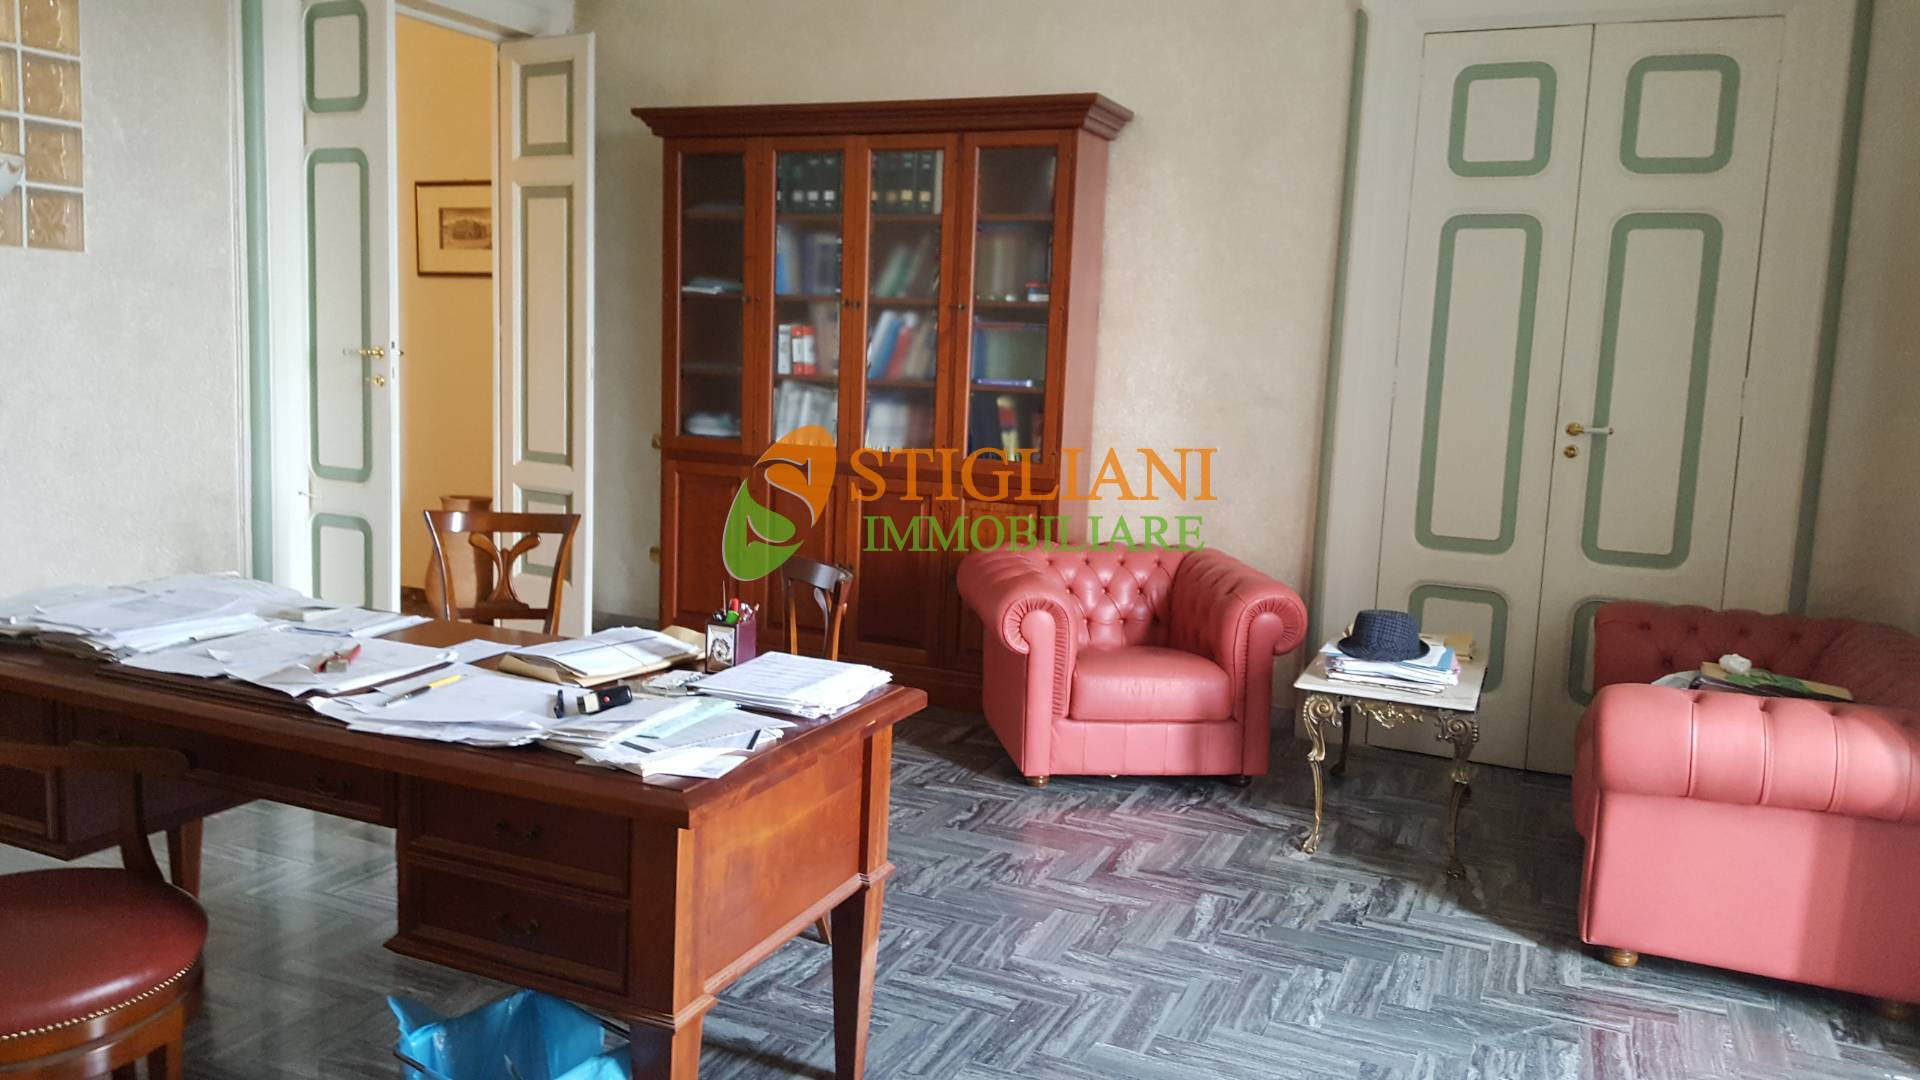 Appartamento in affitto a Campobasso, 4 locali, zona Zona: Centro, prezzo € 600 | CambioCasa.it